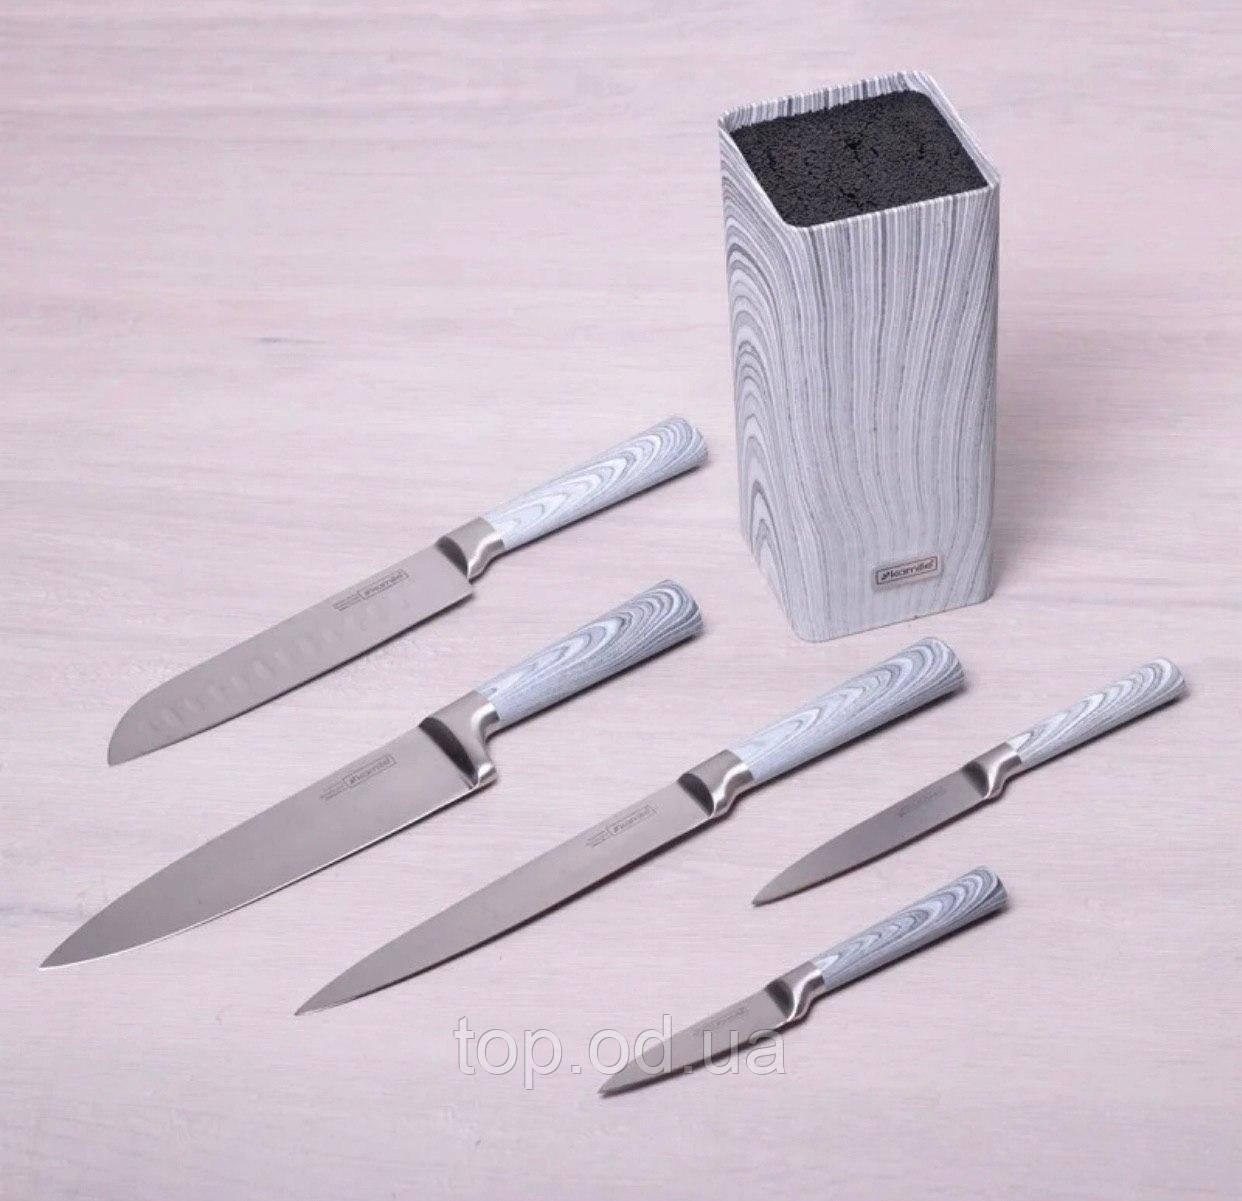 Набор ножей Kamille 6 предметов из нержавеющей стали в колоде